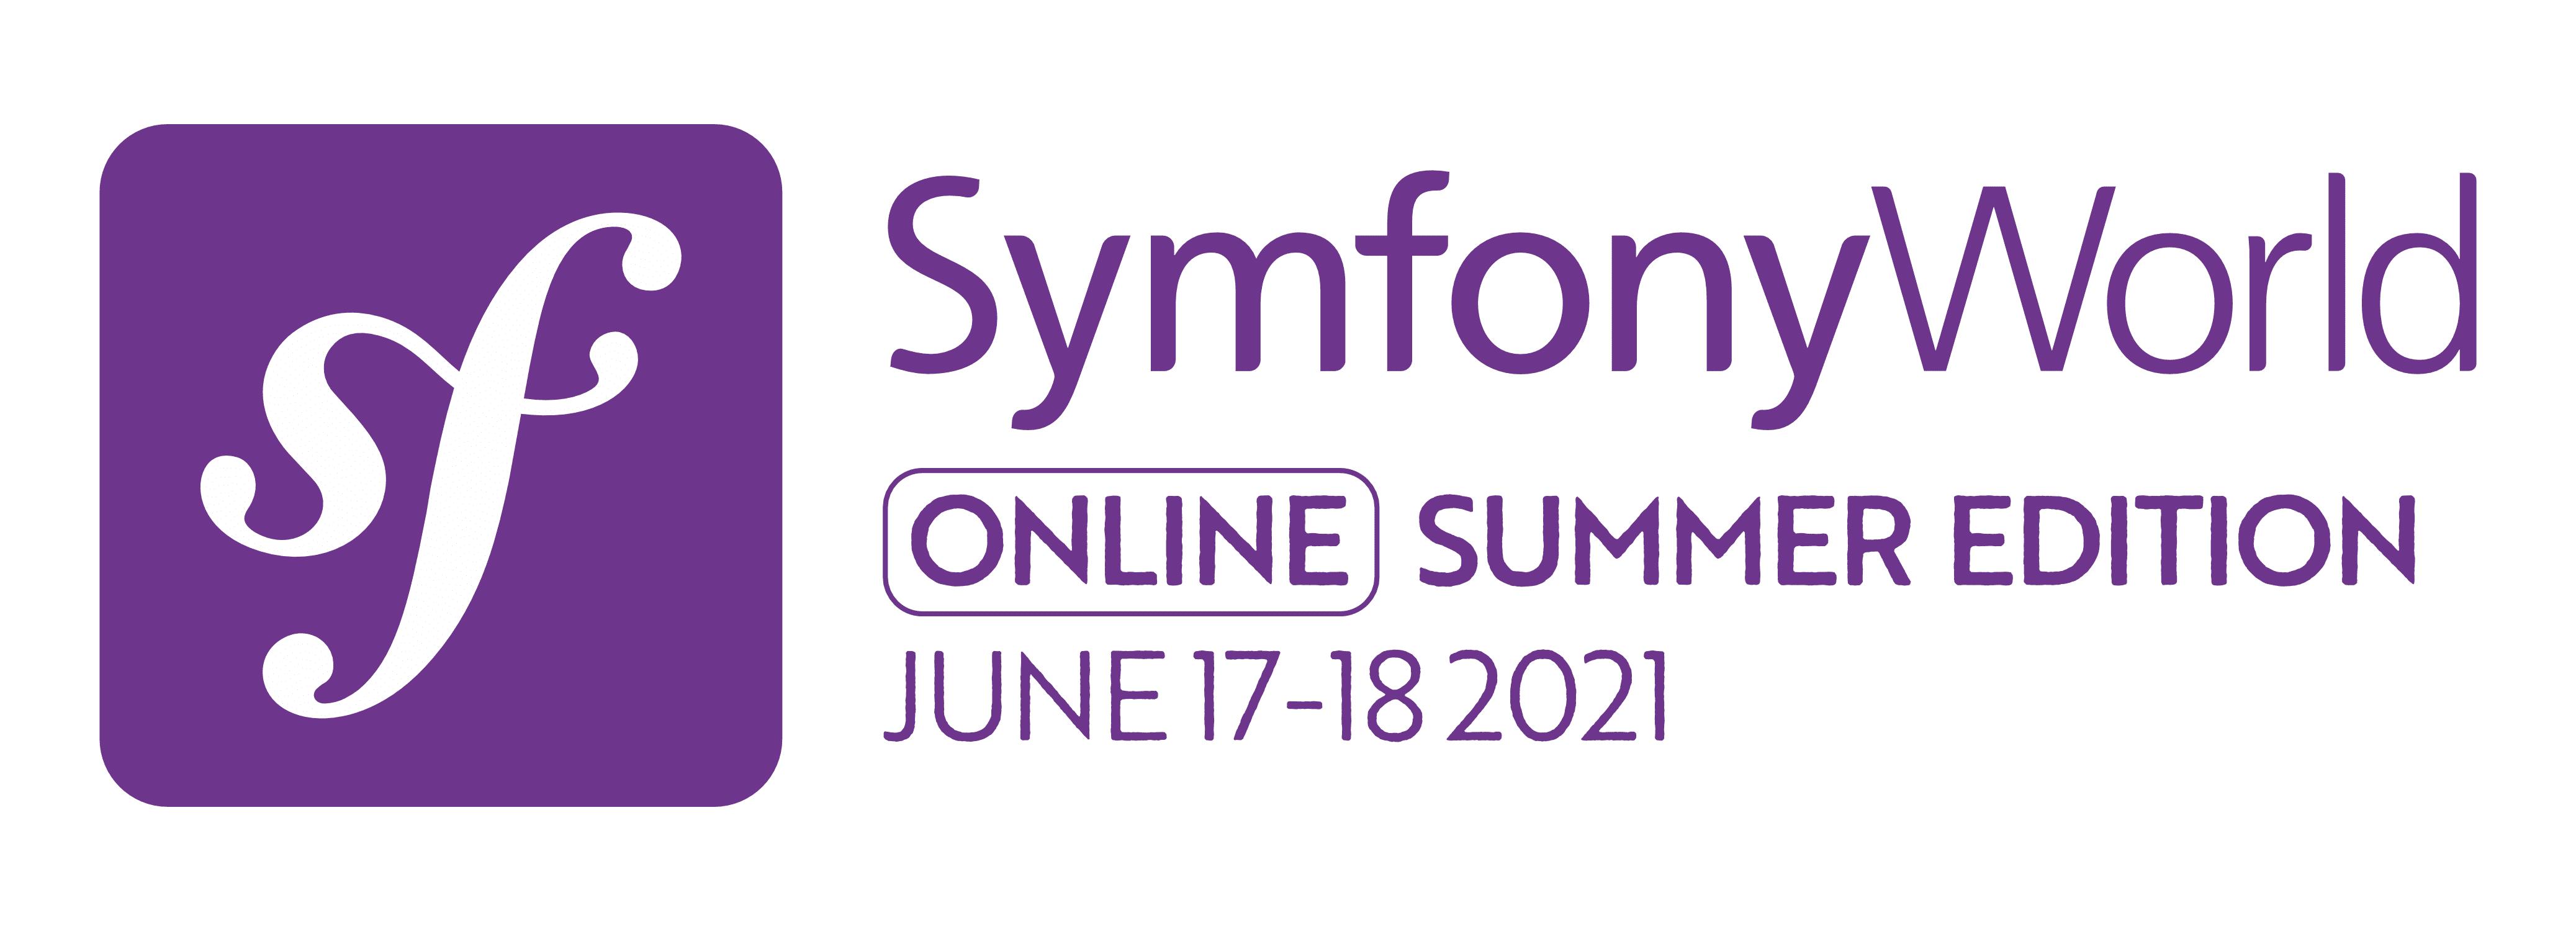 Sfworld Online 2021 Summer